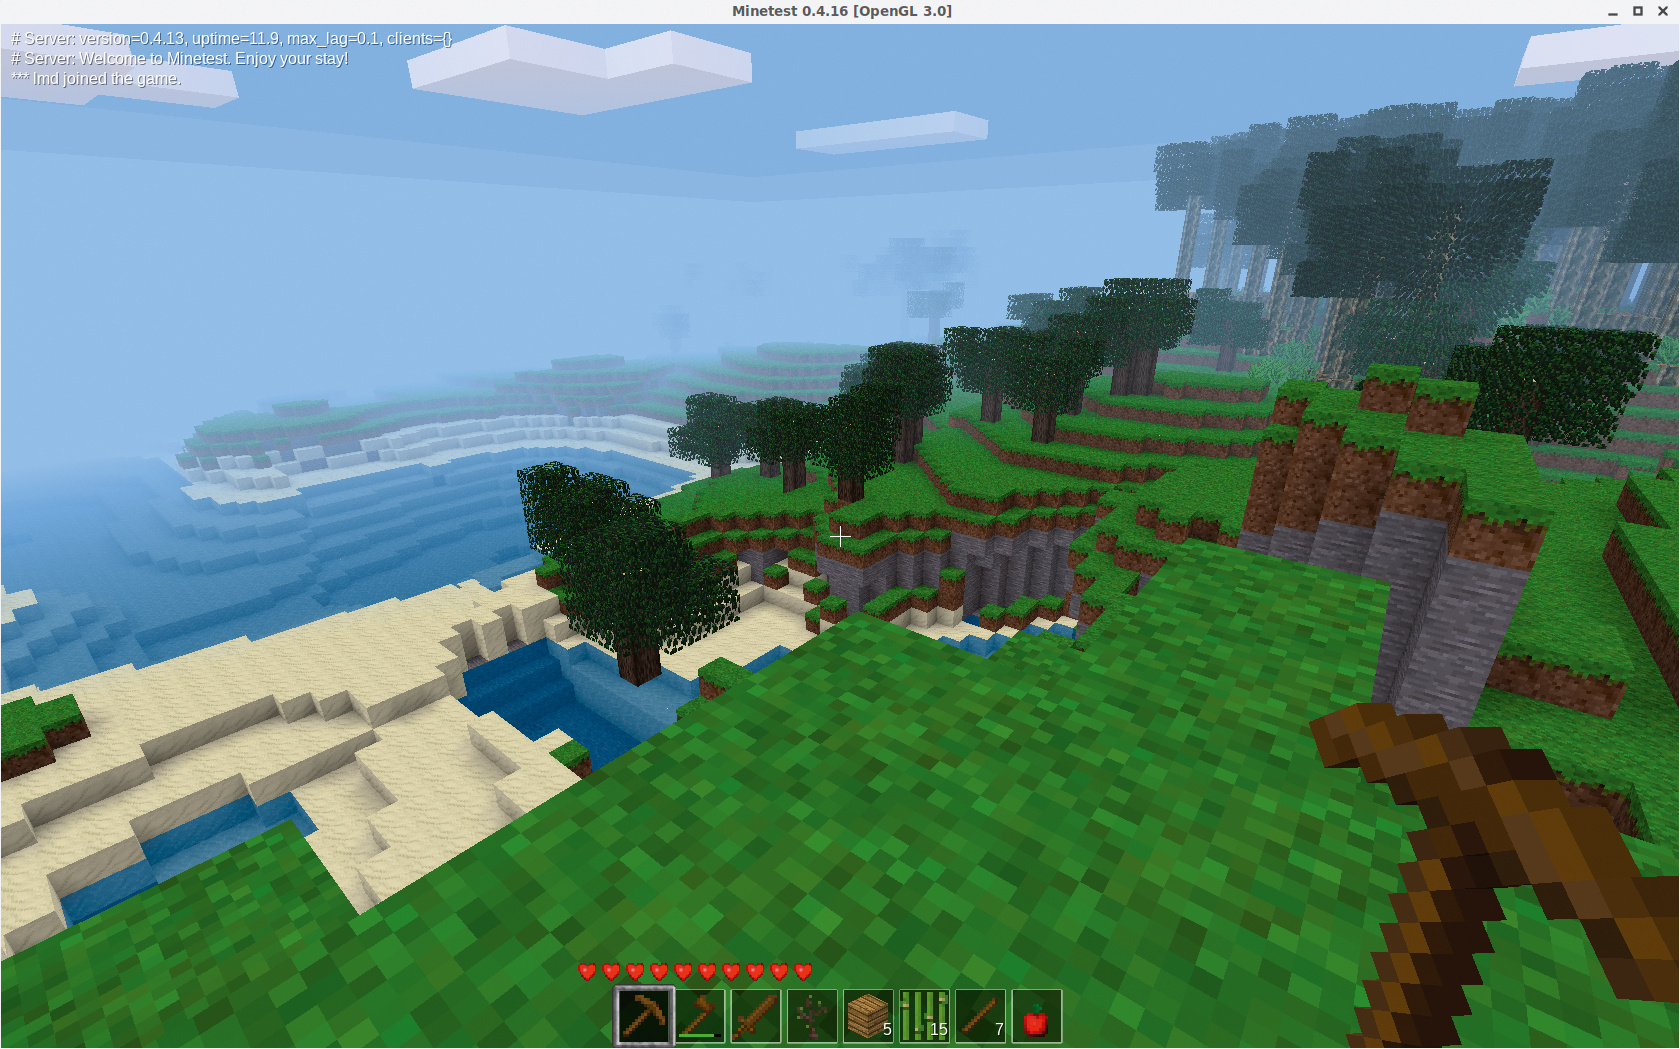 Server Für Spiele Wifi Sharing Software Für Windows - Minecraft spielen auf jetztspielen de